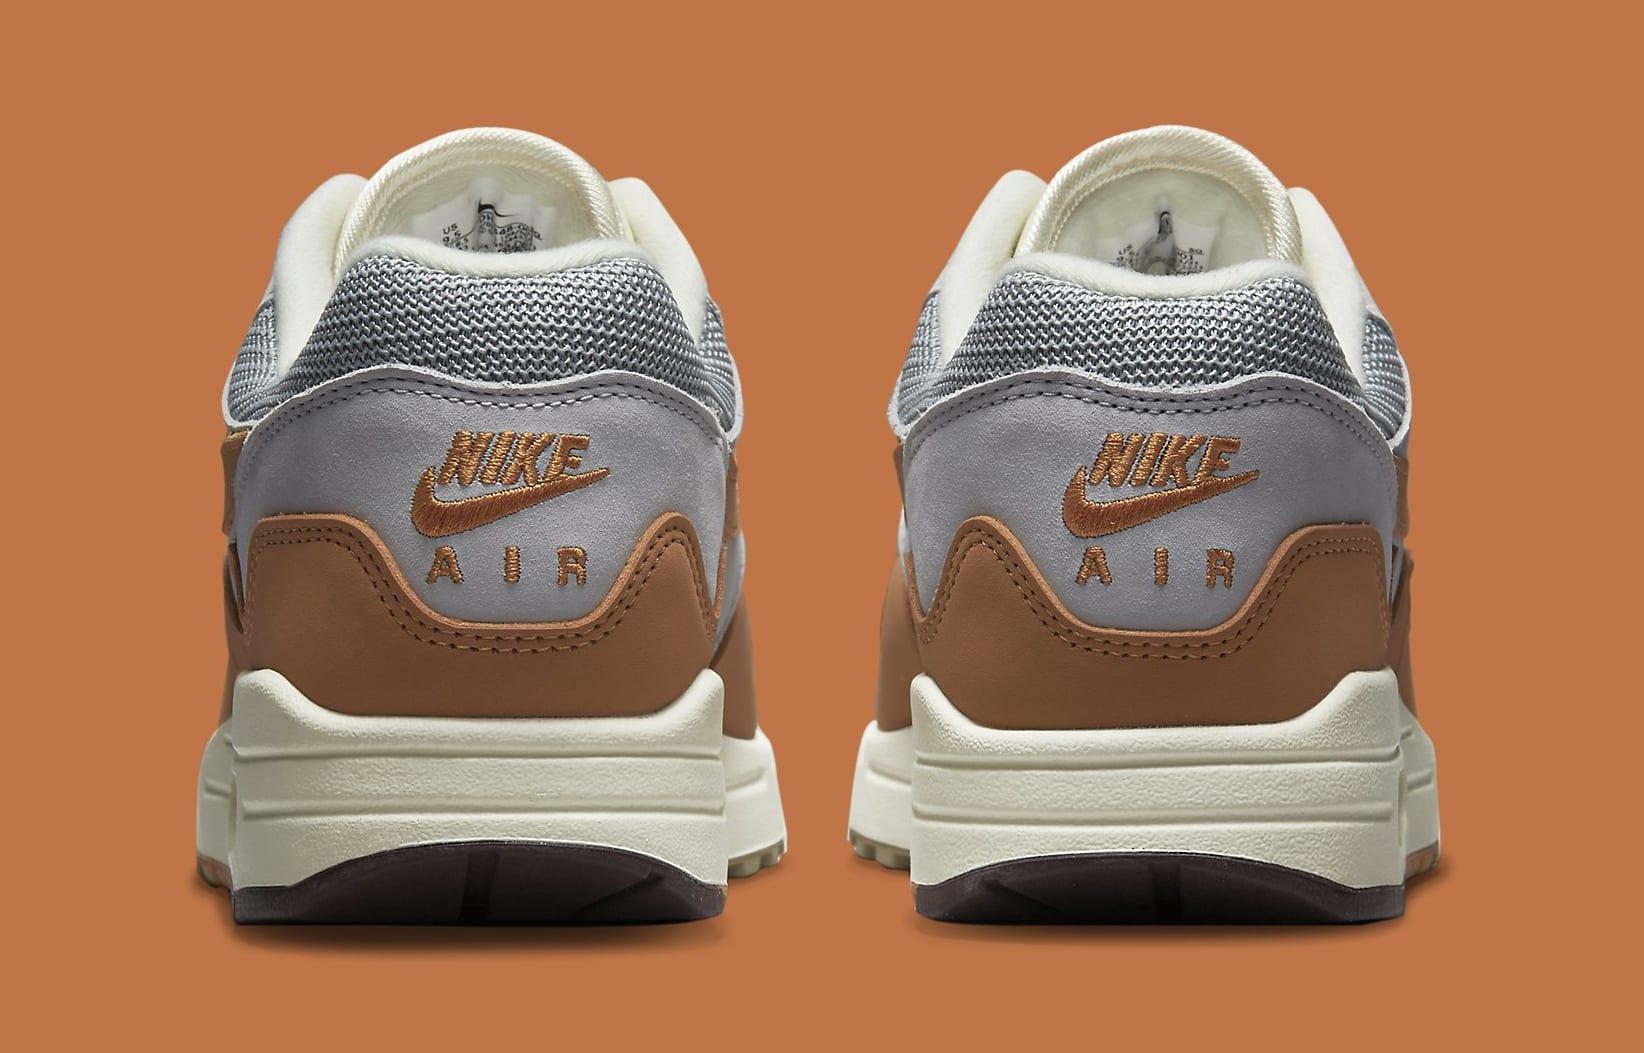 Patta x Nike Air Max 1 'Monarch' DH1348-001 Heel